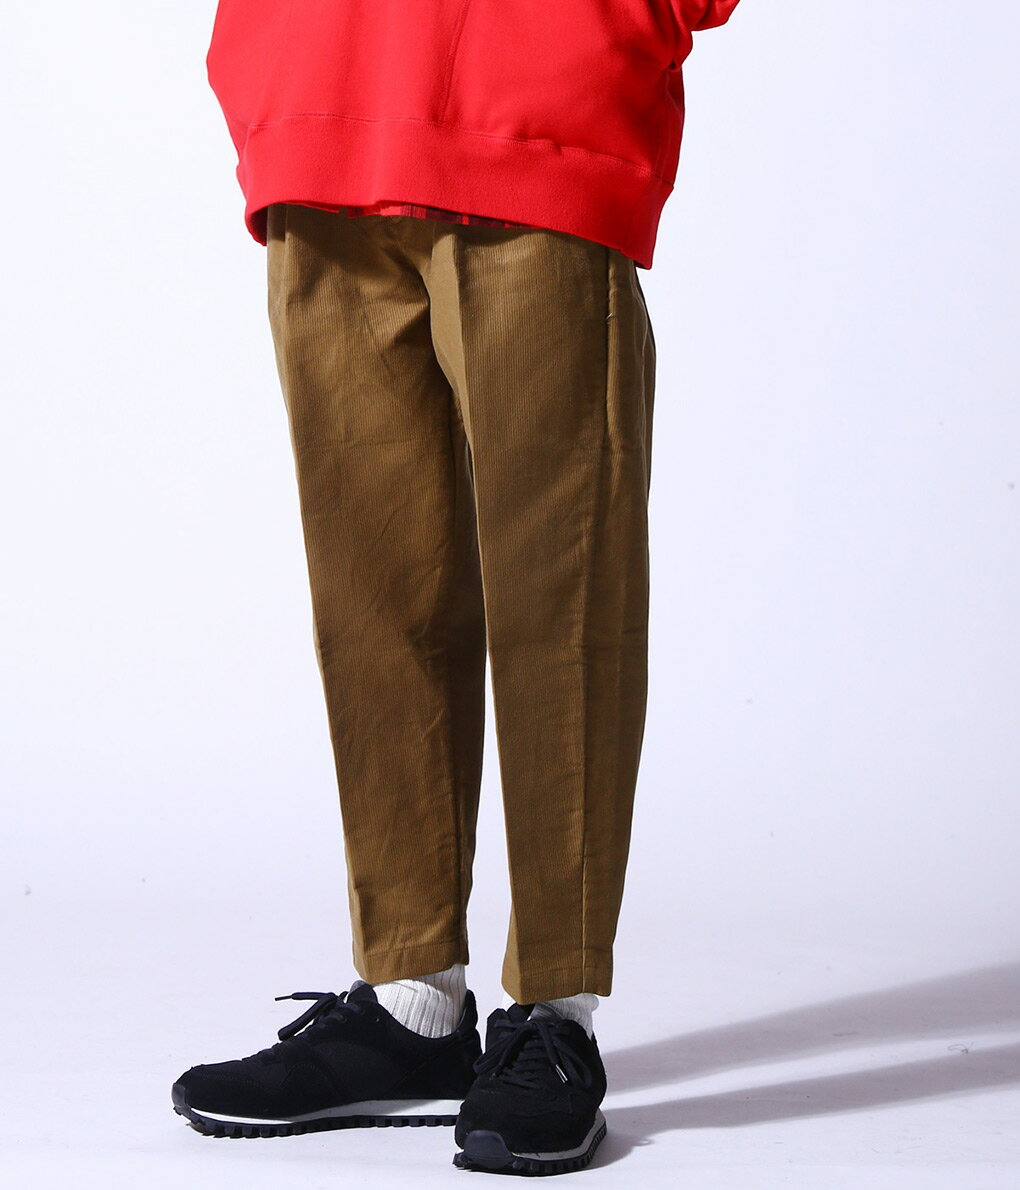 GOLD 東洋エンタープライズ / ゴールド : DECK PIQUE 1TUCK PANTS / 全3色 : デッキ ピケ ワンタック パンツ : GL41789 【MUS】【WIS】